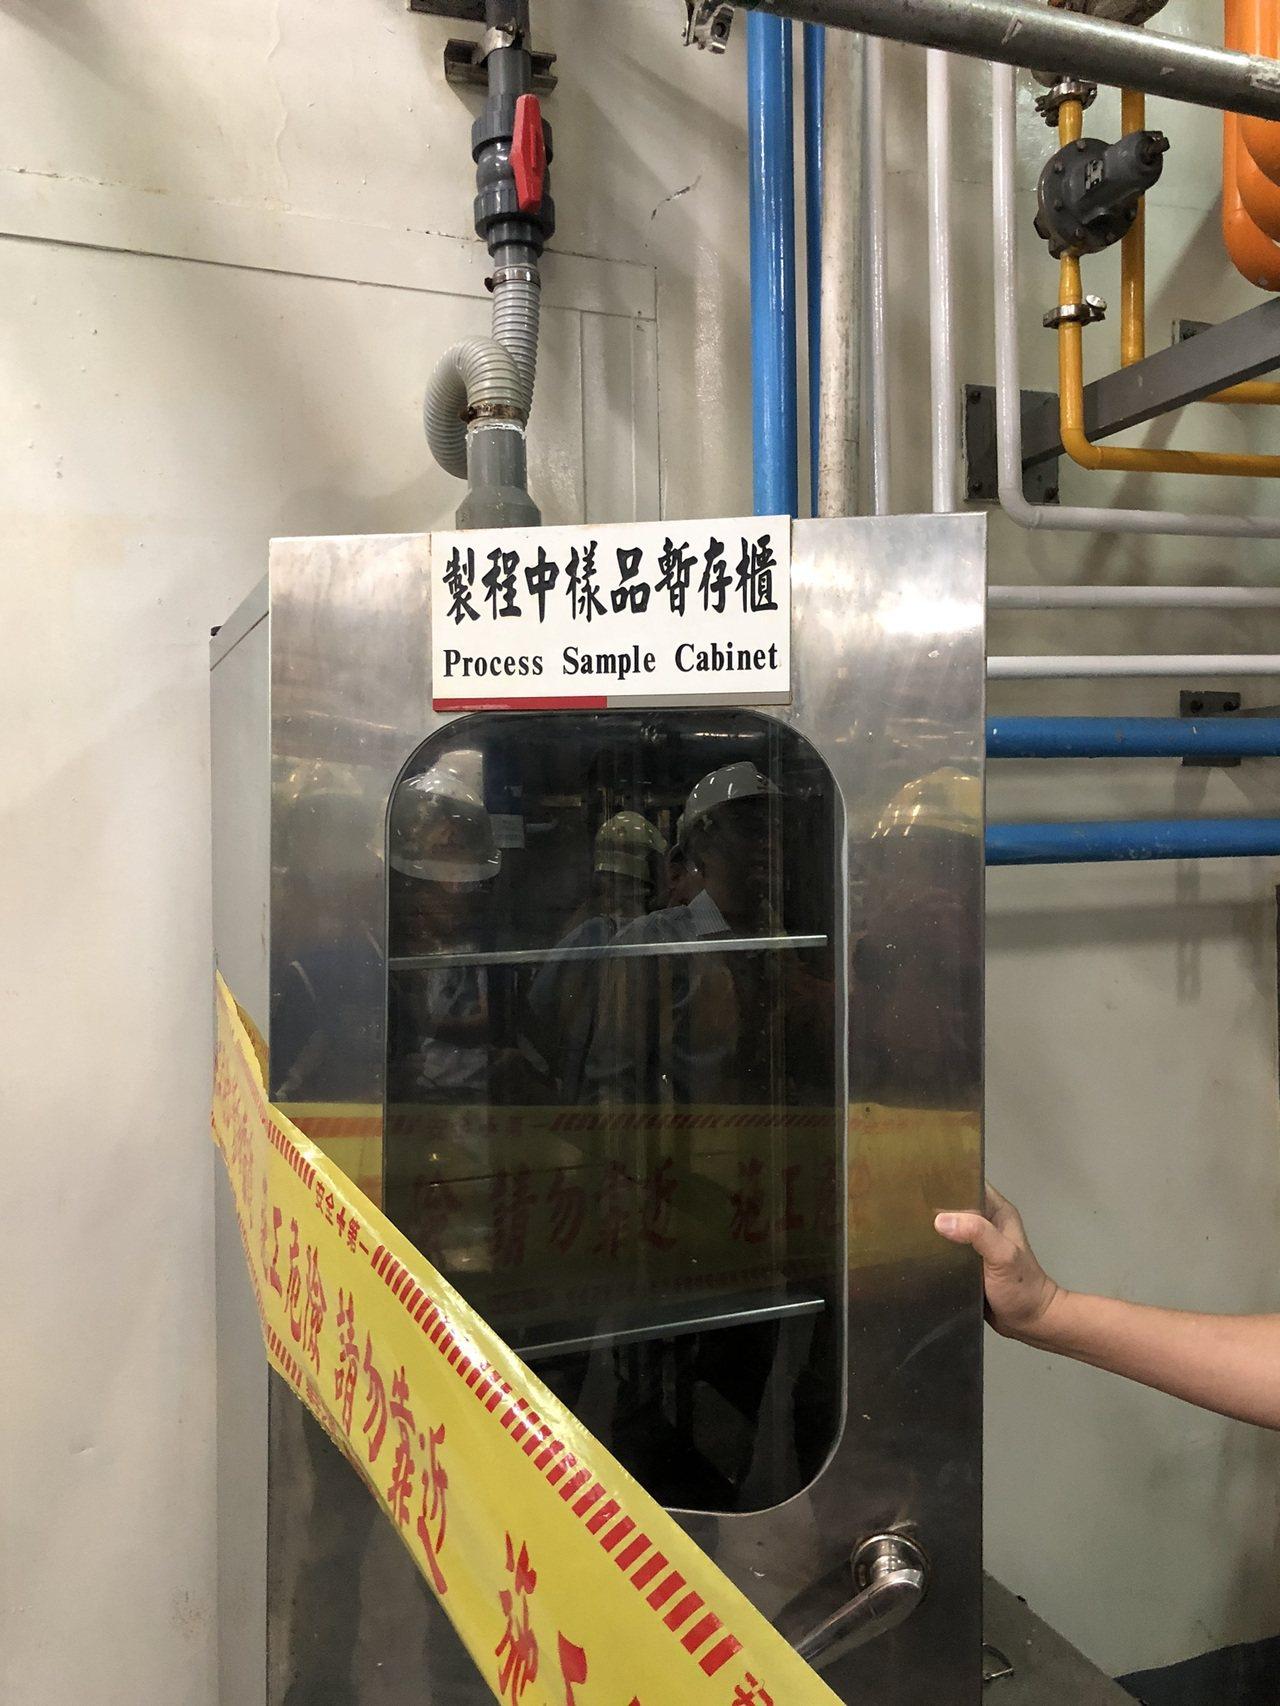 儲存濾心的樣品暫存櫃未受損。記者周宗禎/翻攝